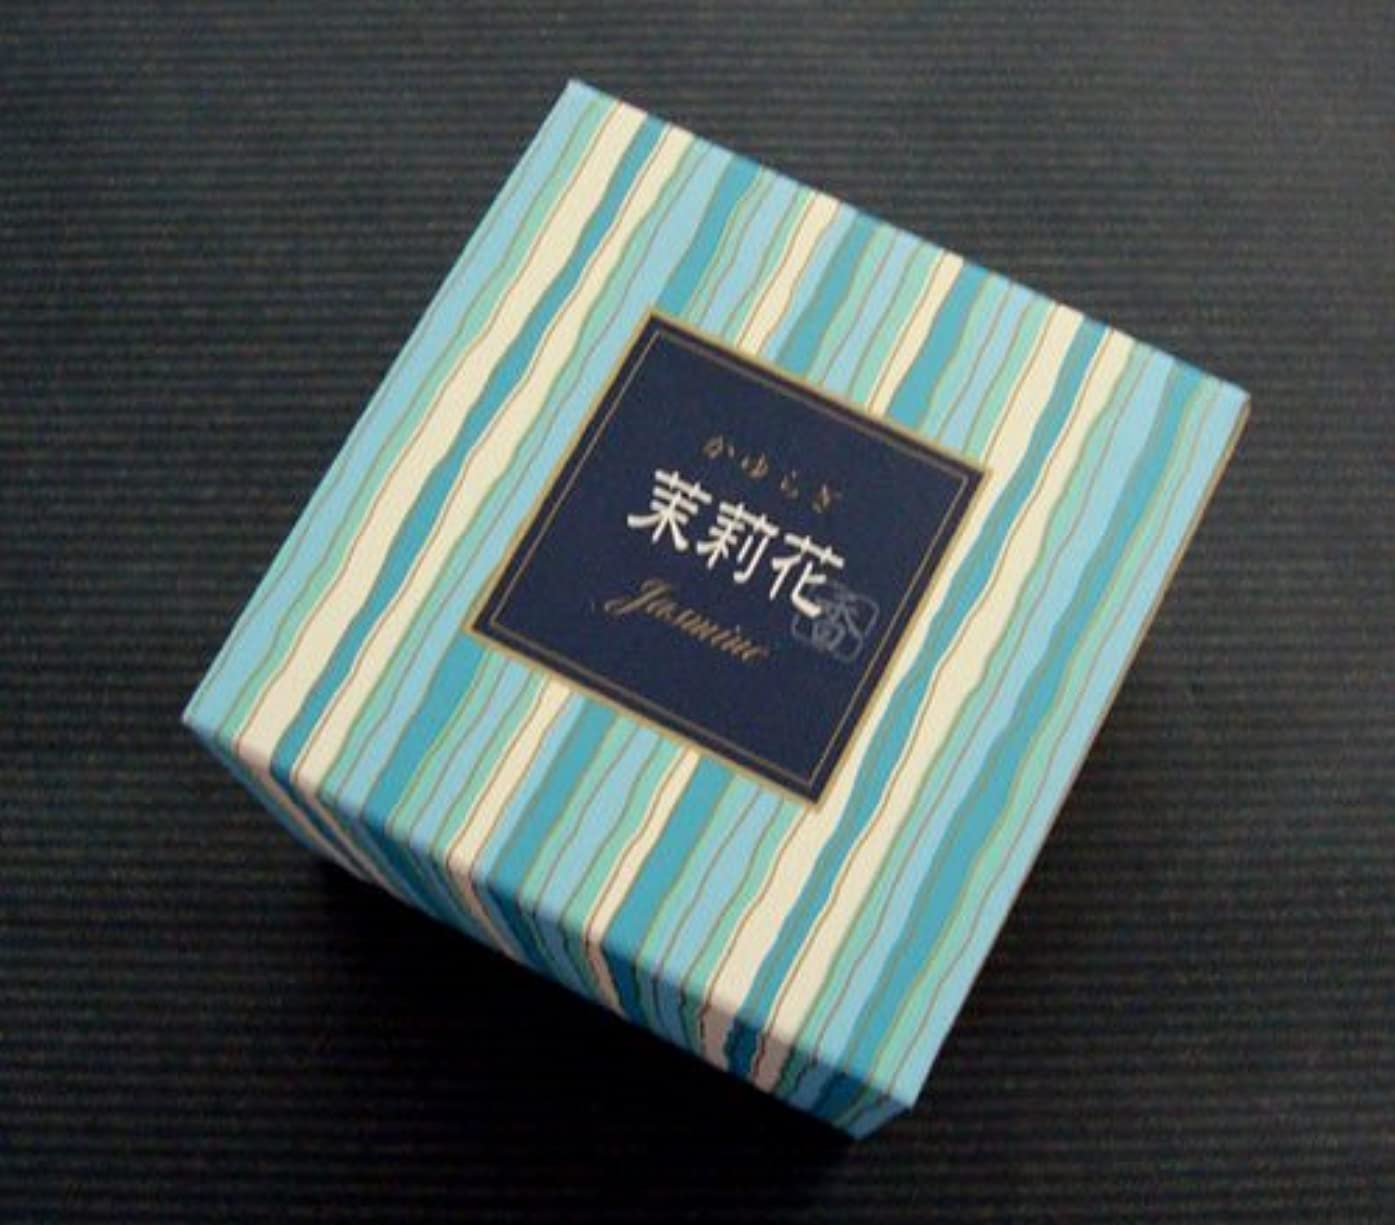 ジャスミンの香り かゆらぎ 茉莉花(まつりか) コーン型 【お香】